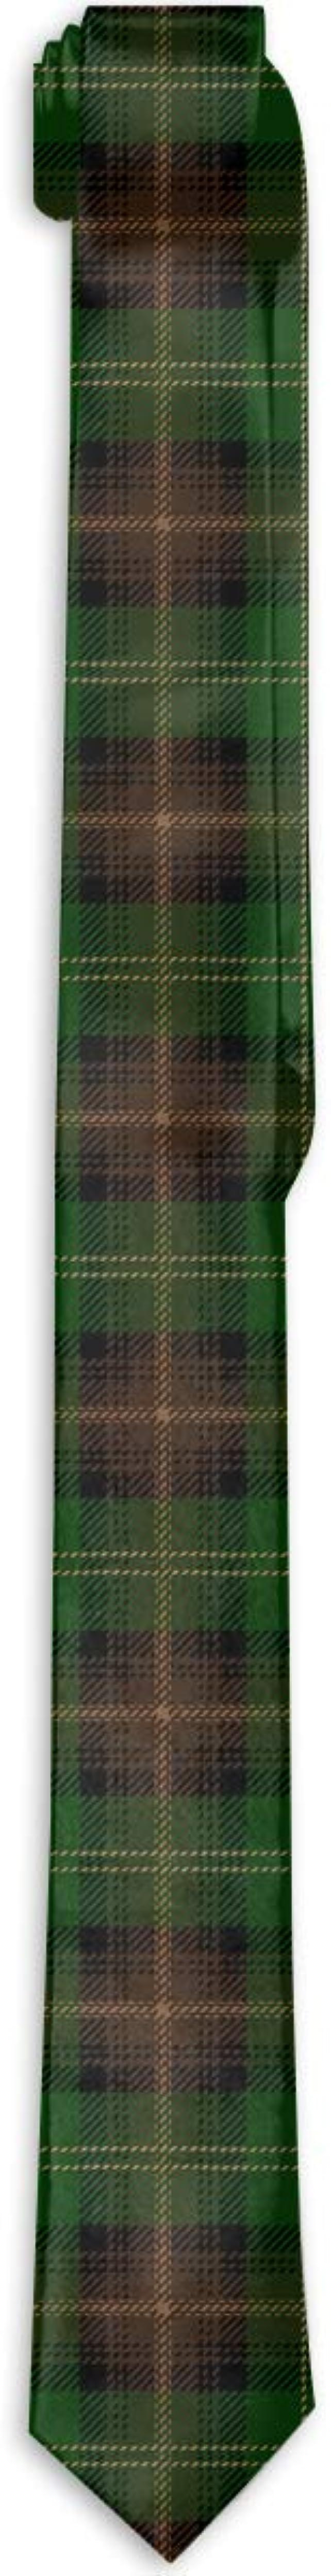 Willie Curea Corbata Verde Escocesa de Tartán Escocés para Hombres ...